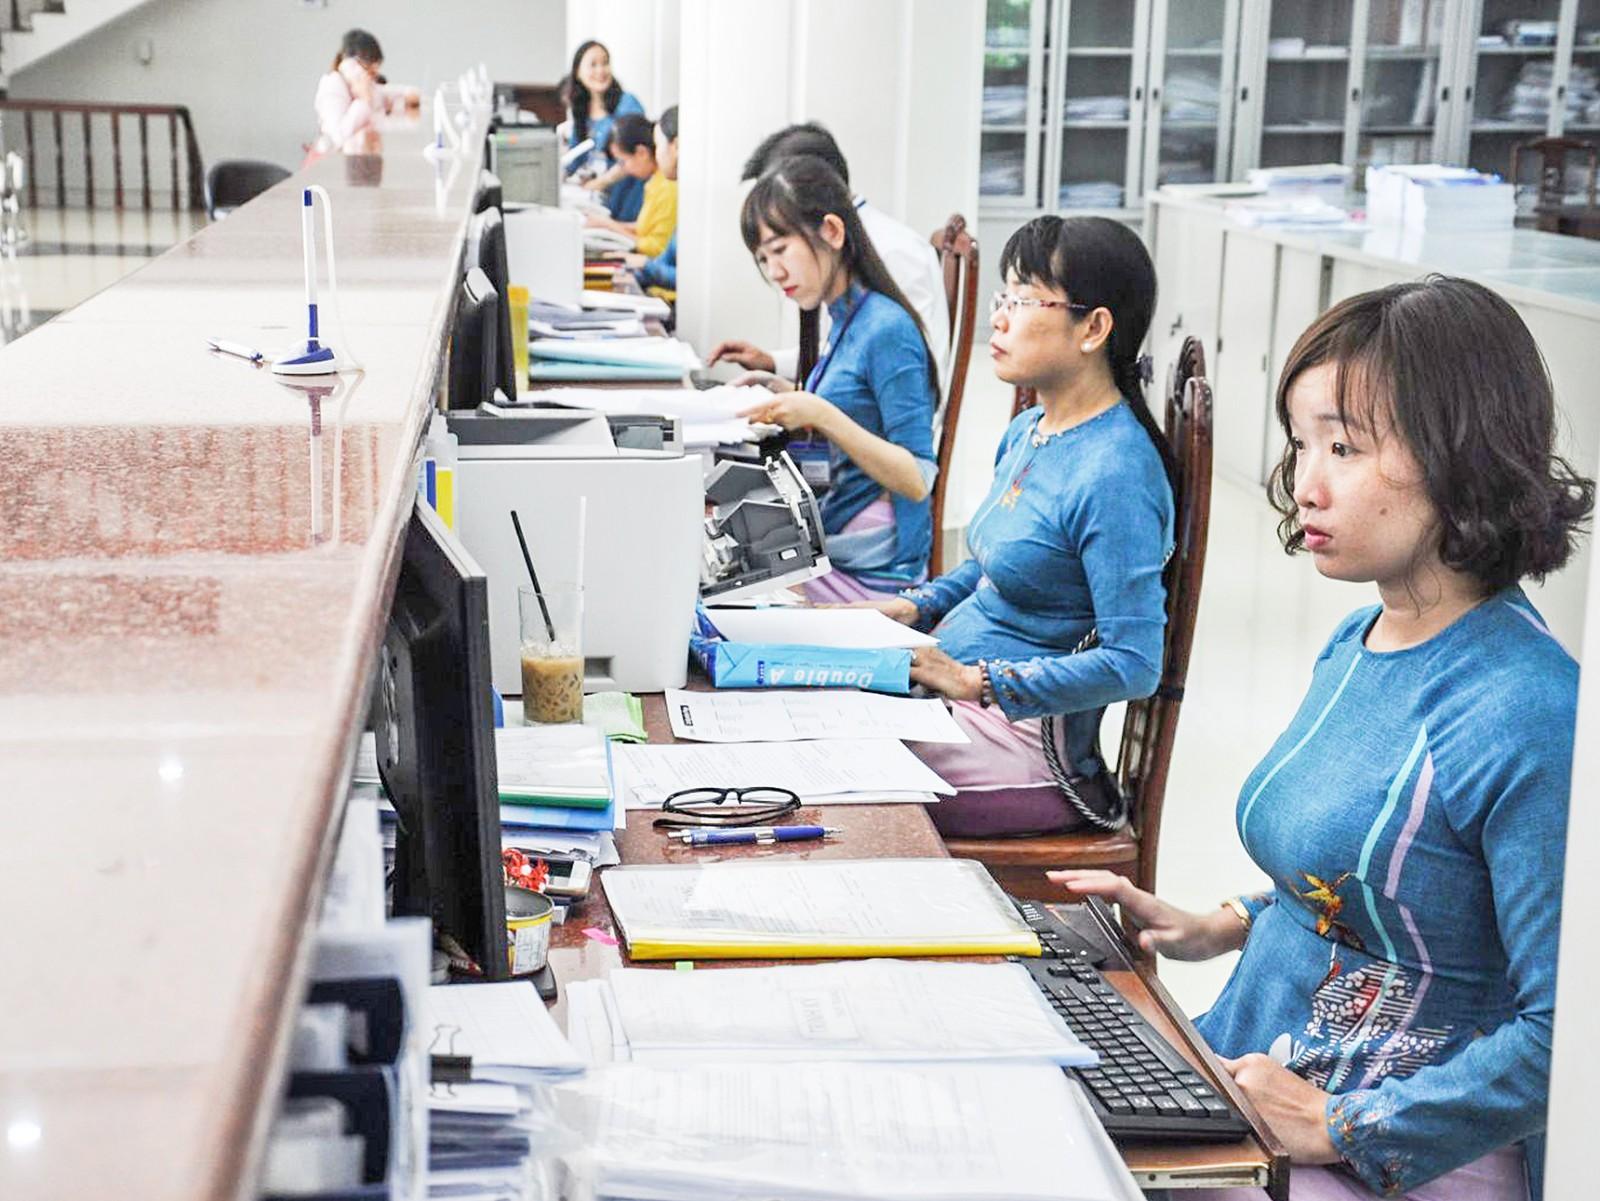 Đội ngũ cán bộ, công chức, viên chức thành phố được đào tạo nâng cao trình độ, đáp ứng yêu cầu nhiệm vụ trong thời kỳ hội nhập quốc tế.